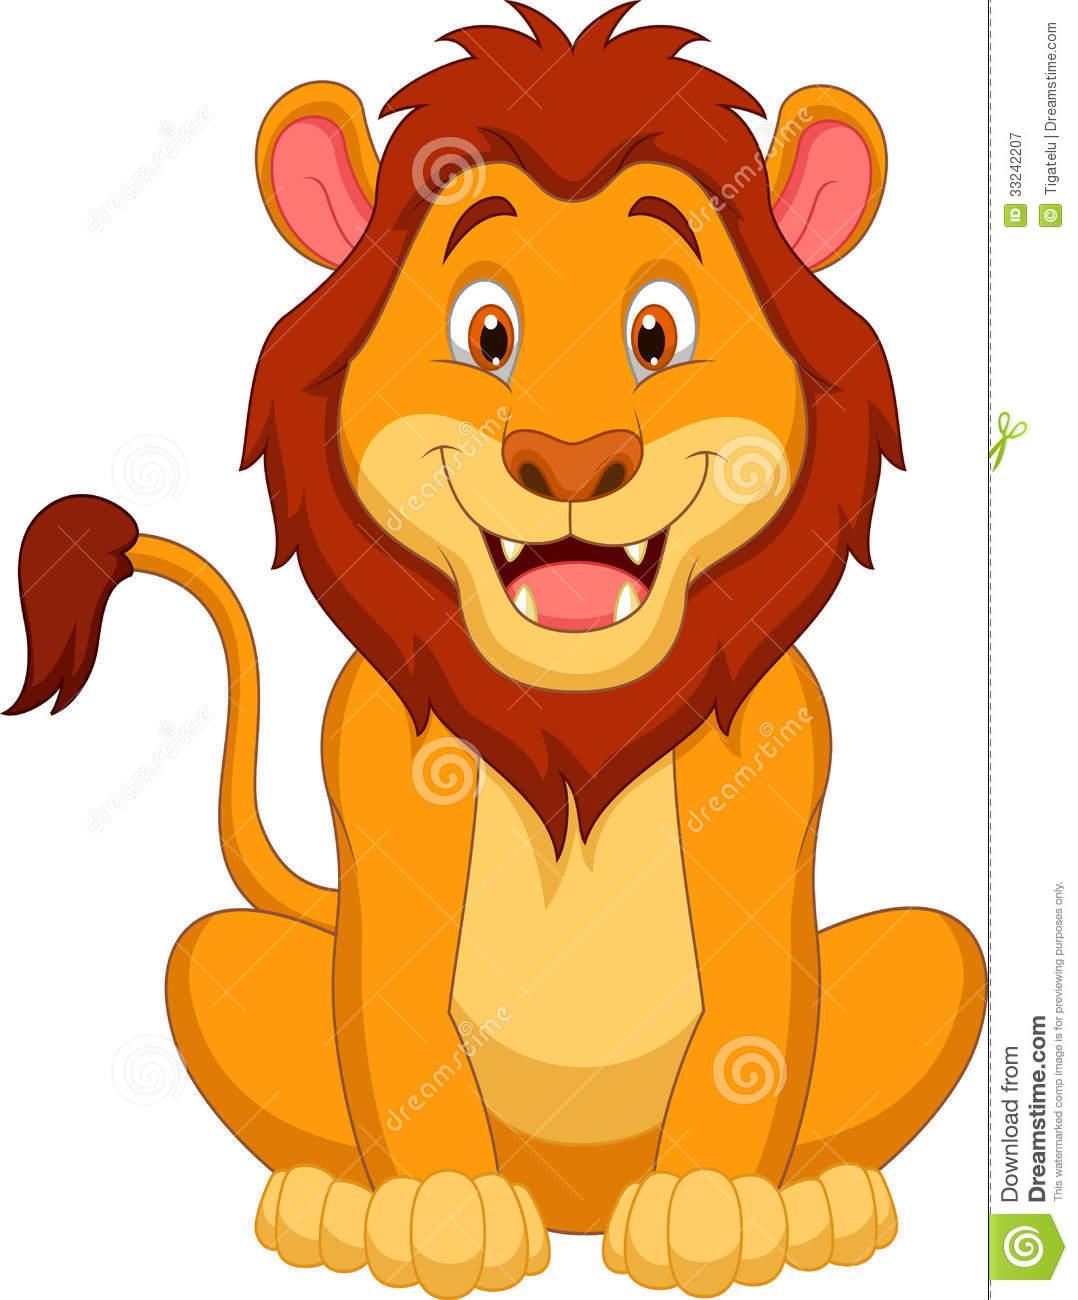 Tigres clipart adorable #14